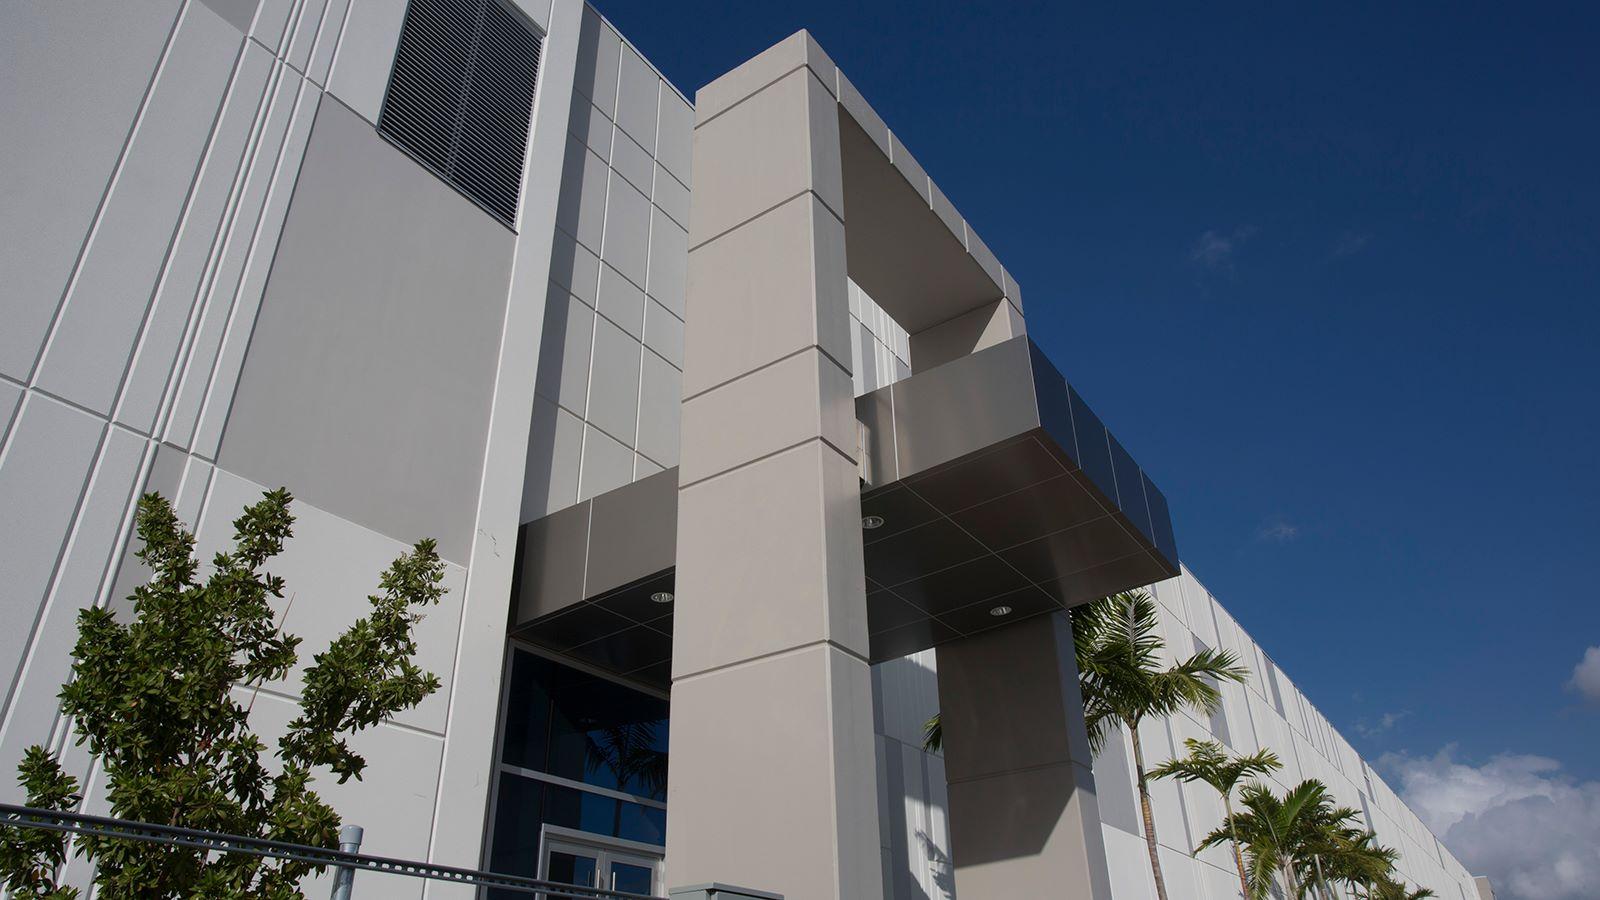 Telemundo Collaborative Campus Building in Miami - Mace Group